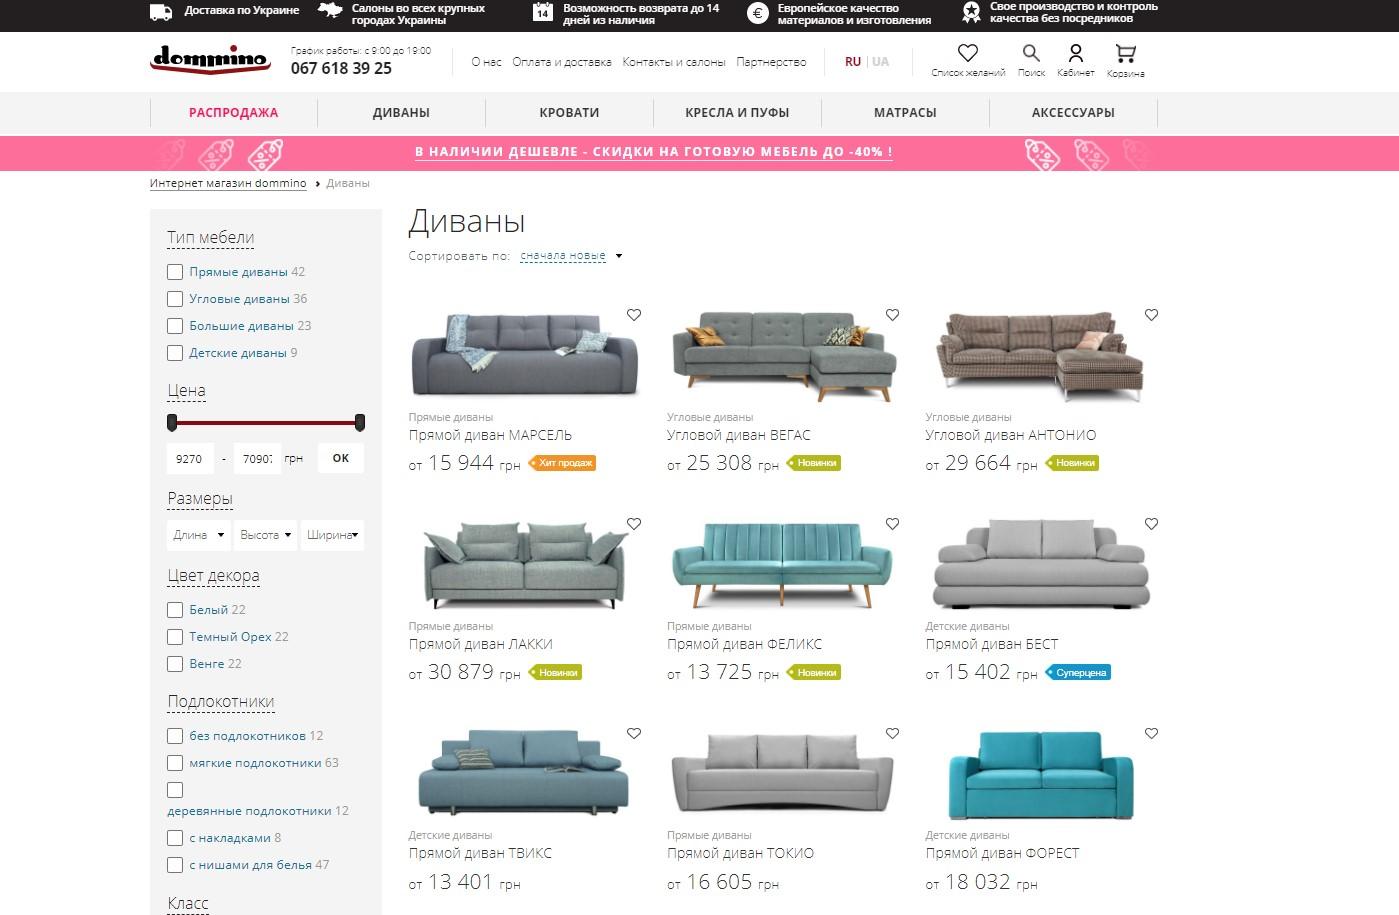 Интернет-магазин разработанного сайта Dommino